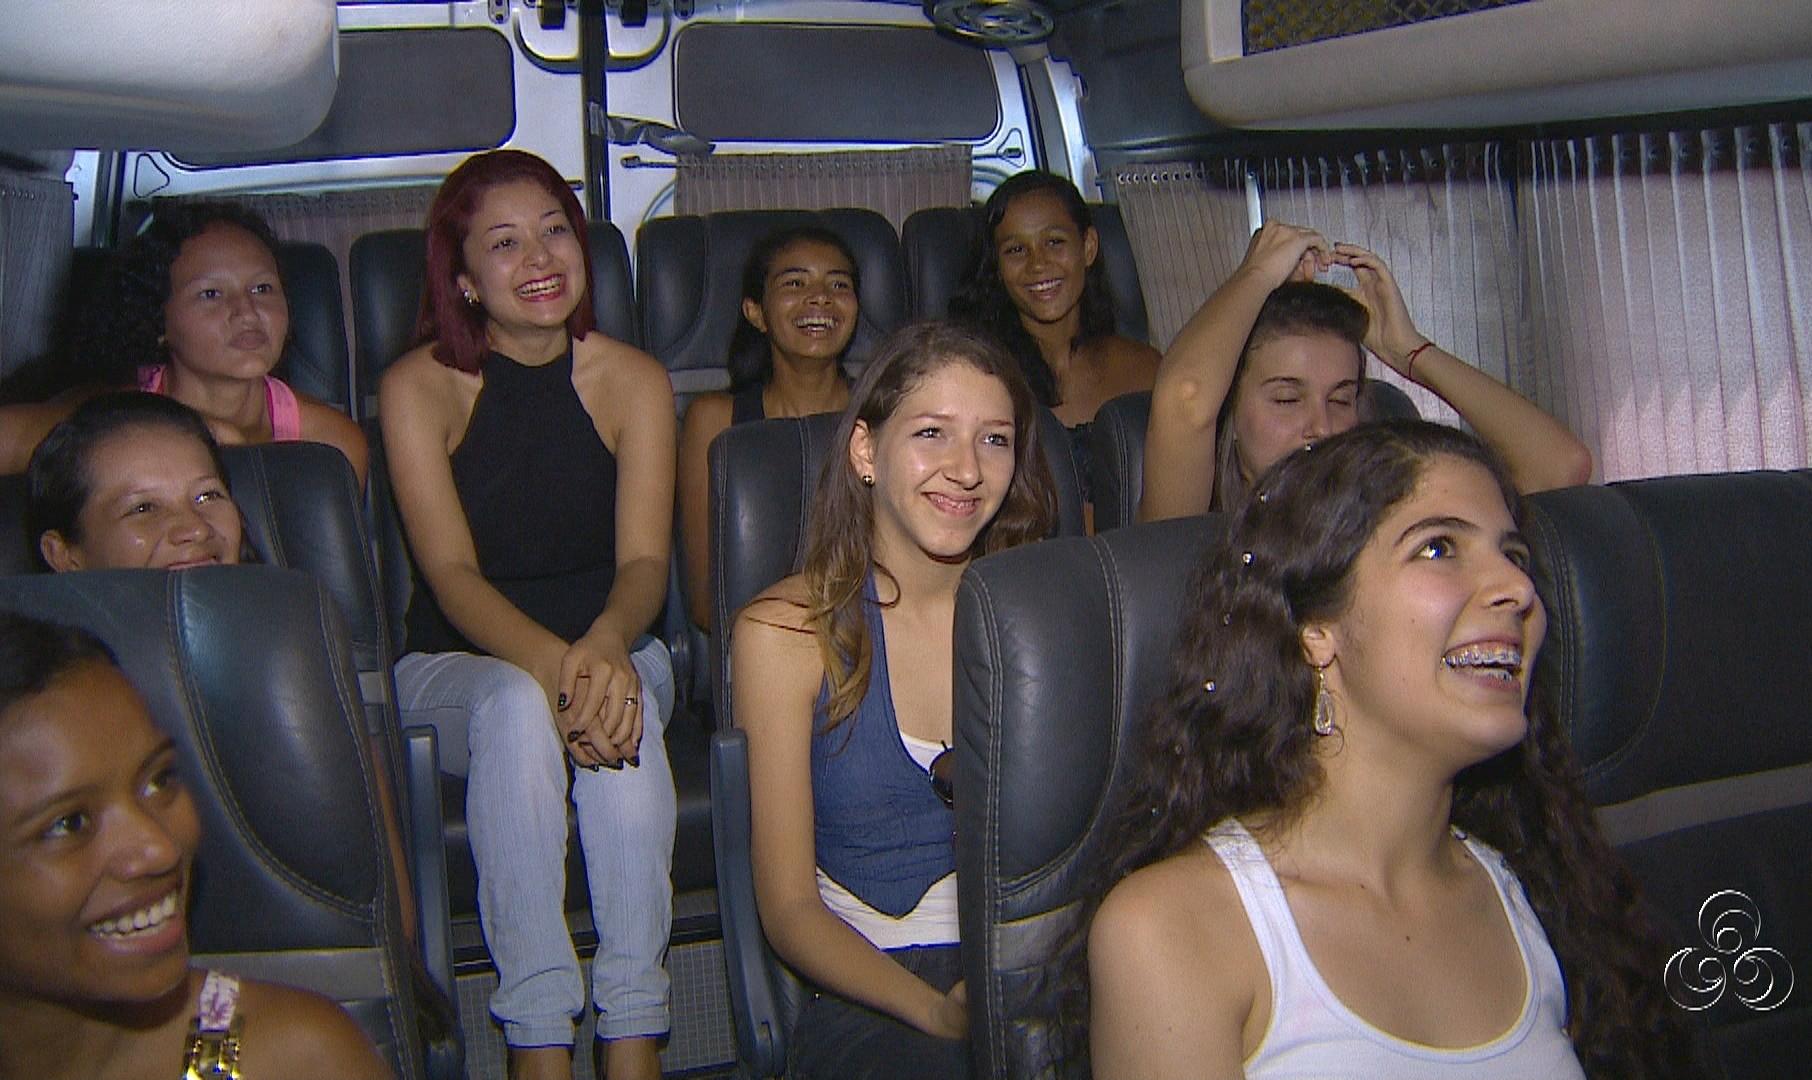 Meninas buscam a realização do sonho de ser modelo (Foto: Jornal do Amazonas)